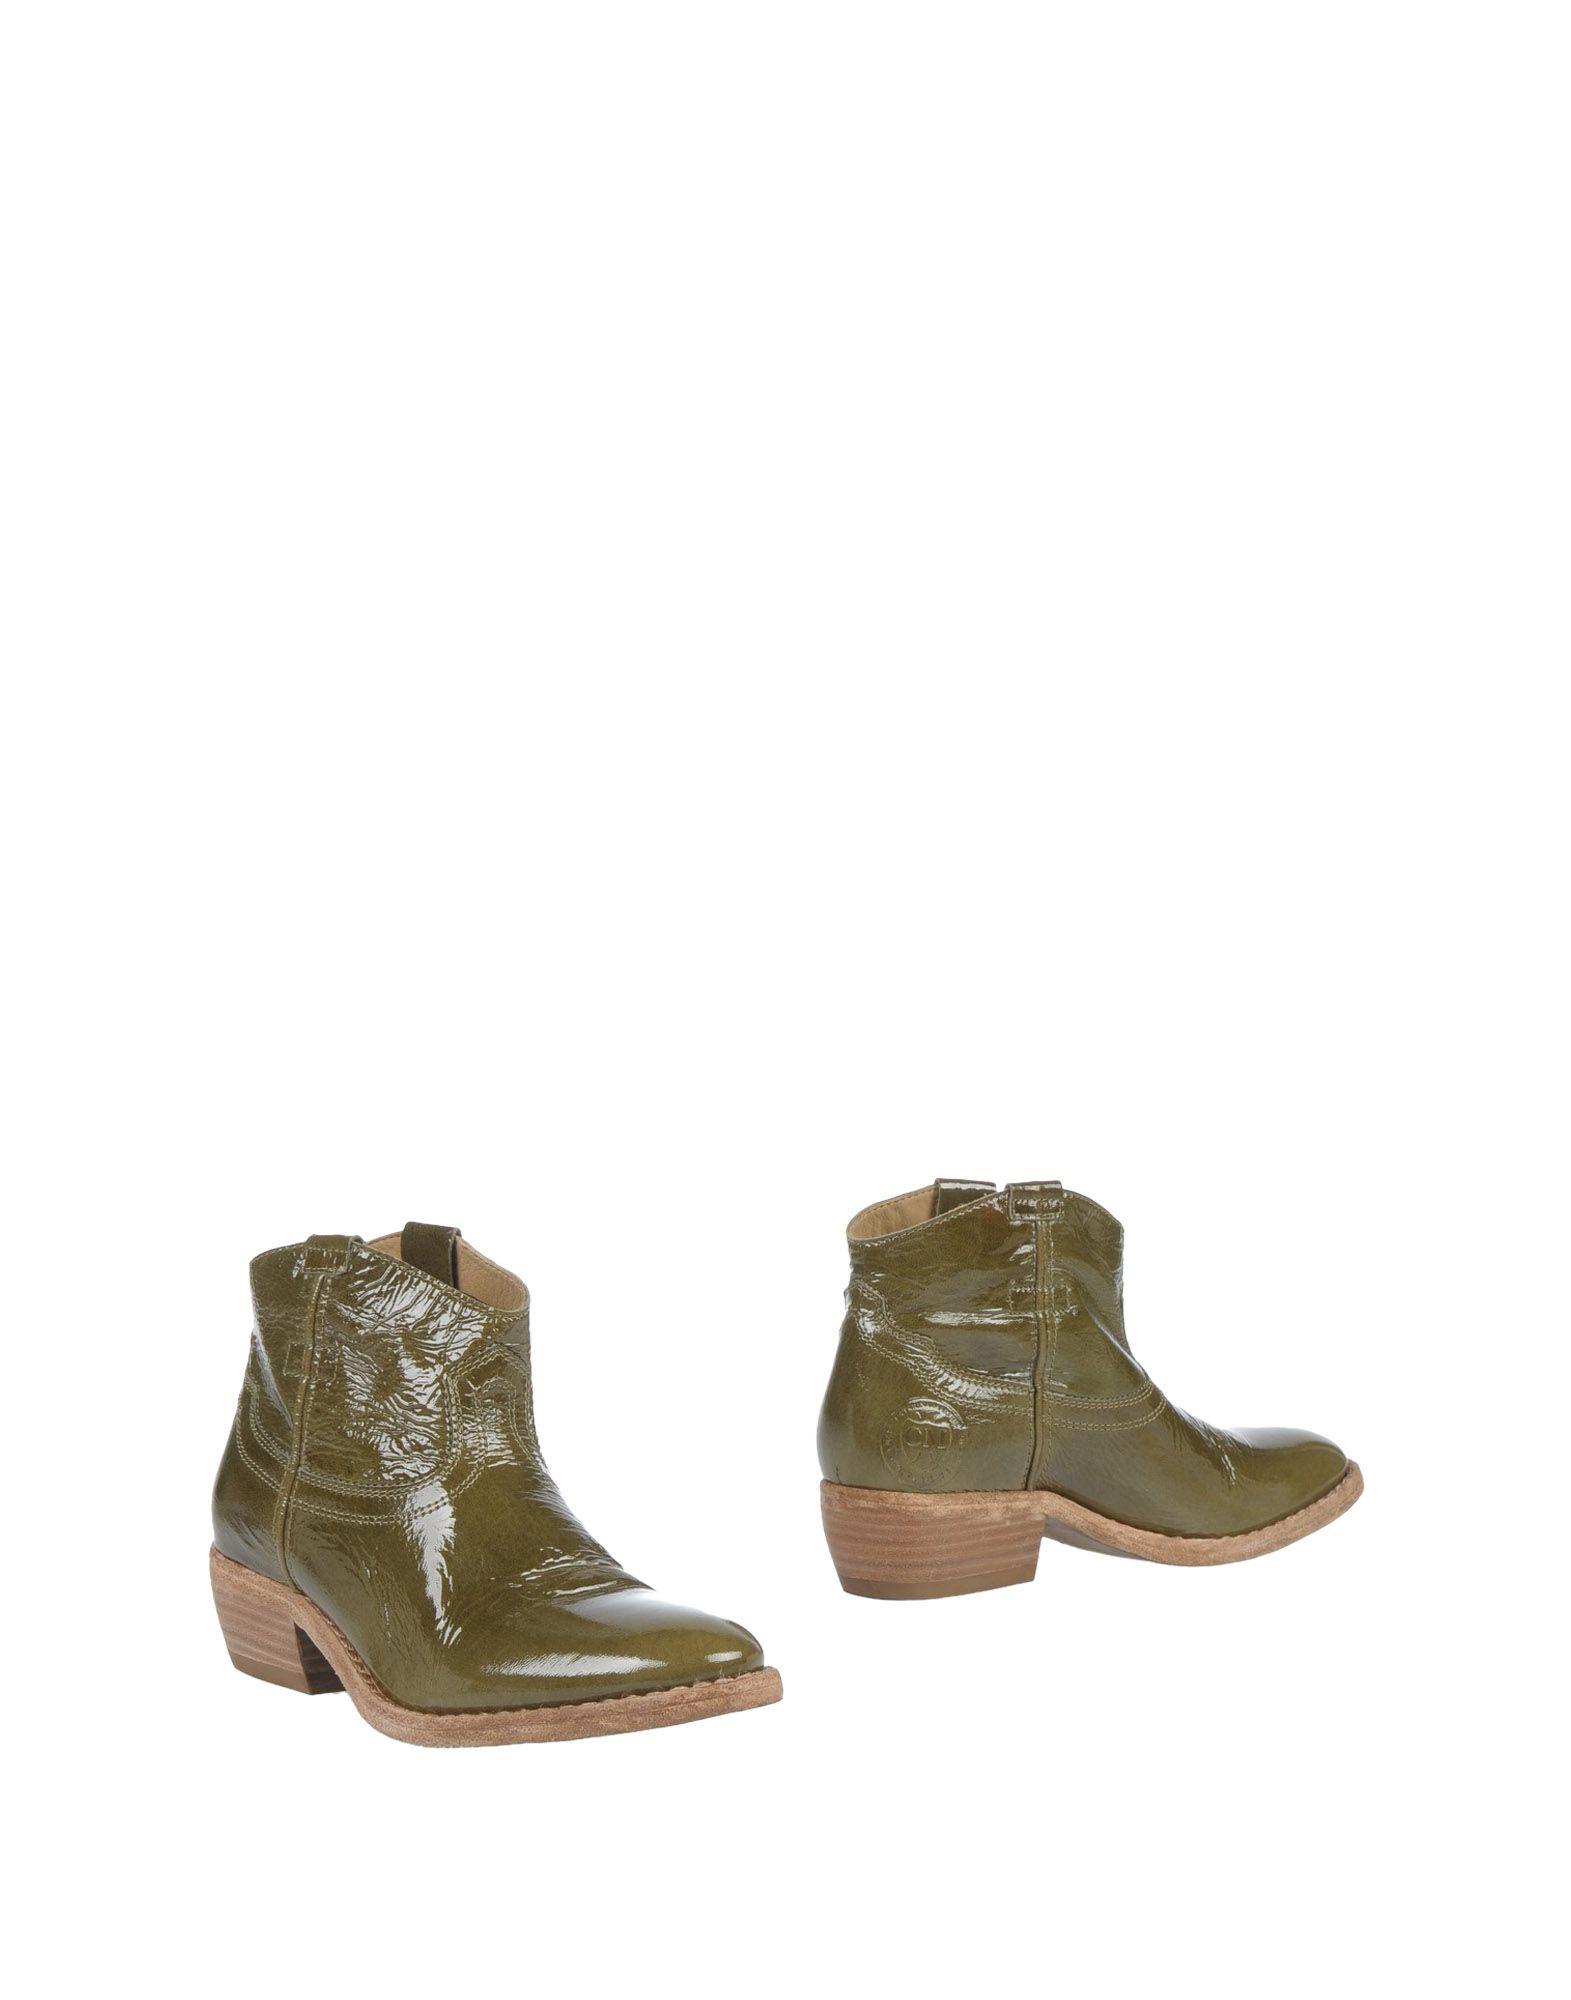 Catarina Martins Stiefelette Damen  11396143XM Gute Qualität beliebte Schuhe